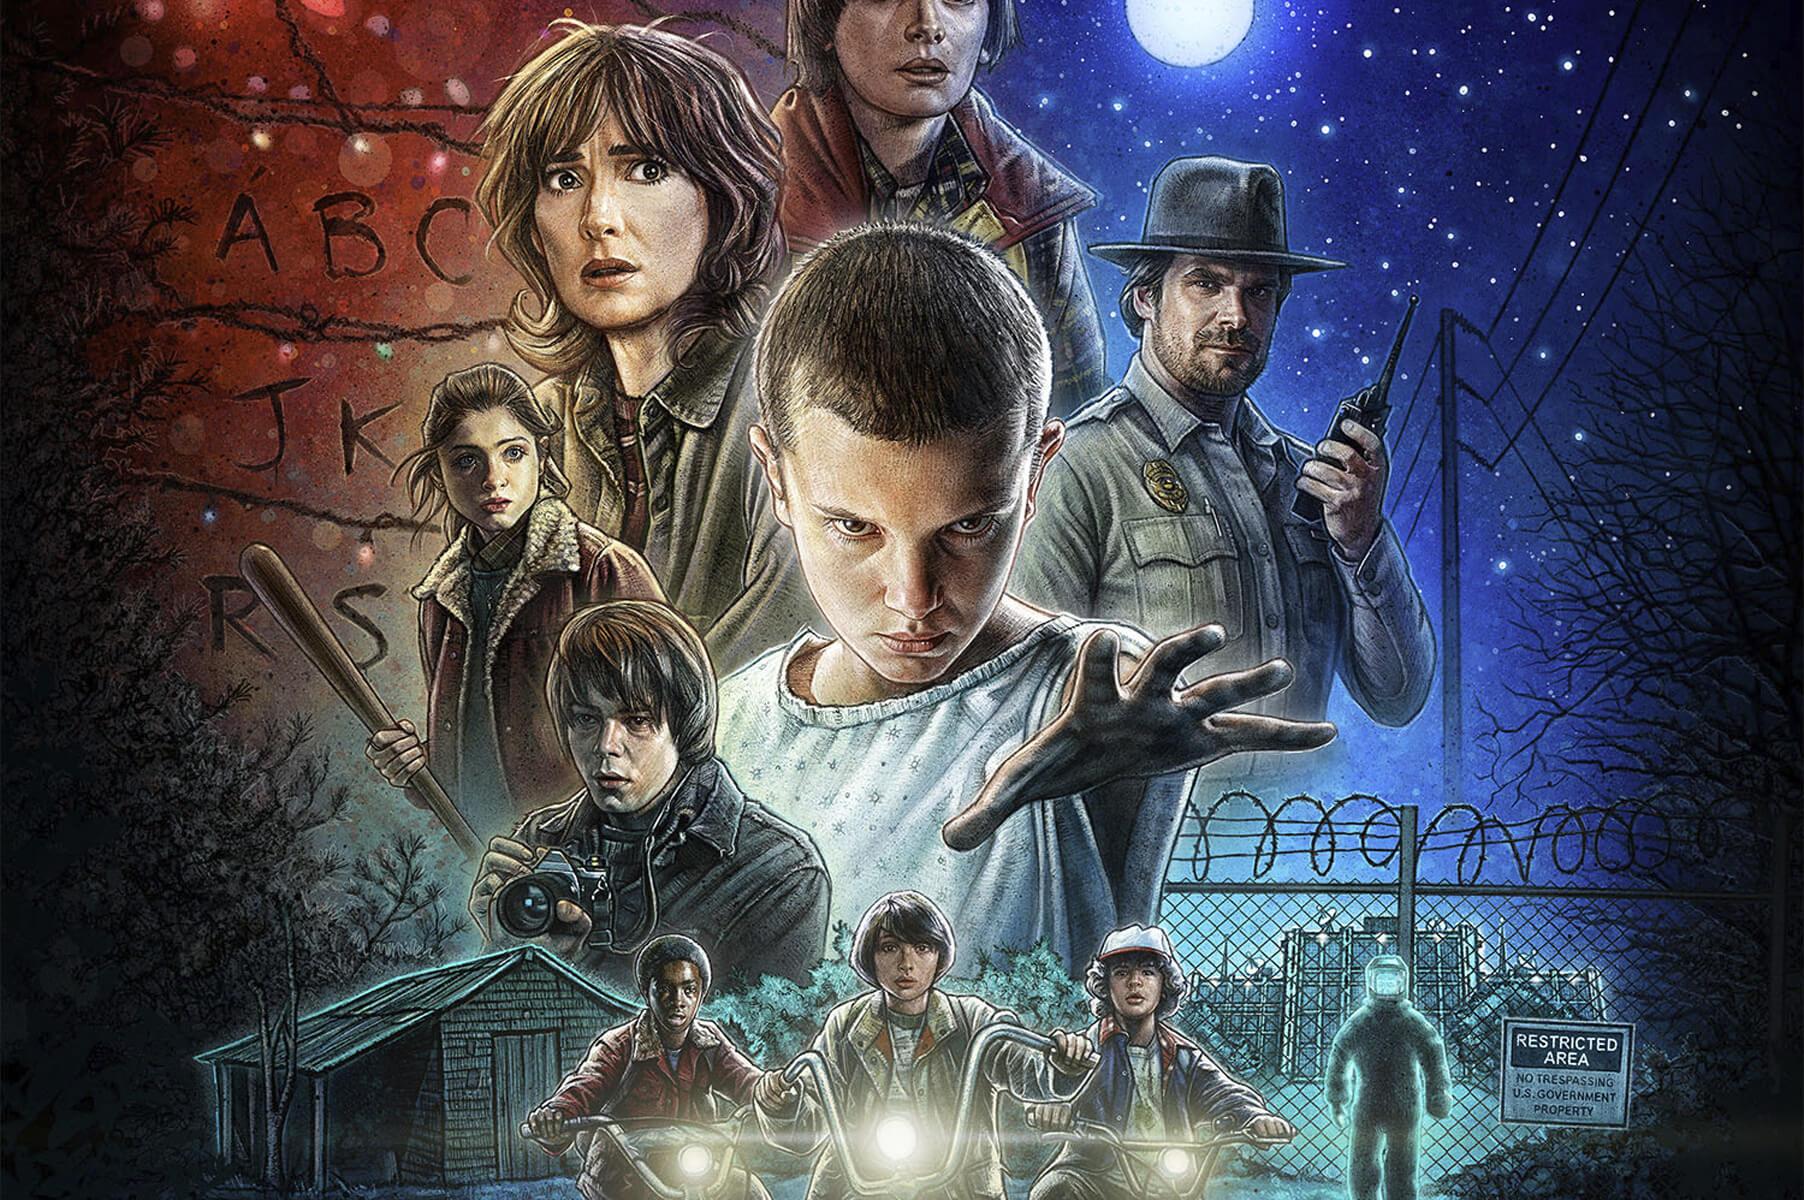 Stranger Things Season 2 Thriller Trailer